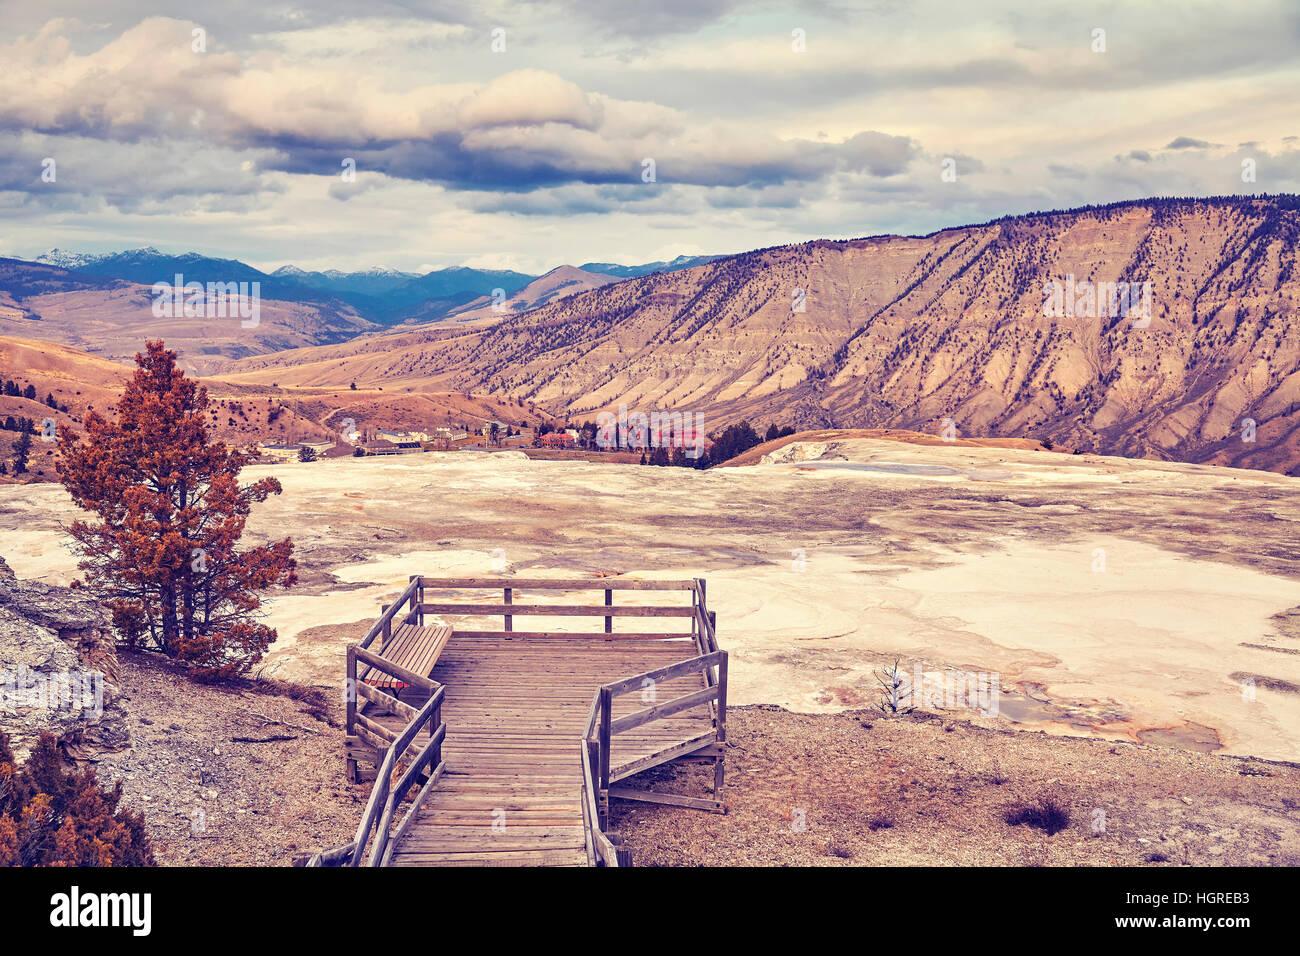 Tonos de color hot springs en el Parque Nacional Yellowstone, Wyoming, Estados Unidos. Imagen De Stock